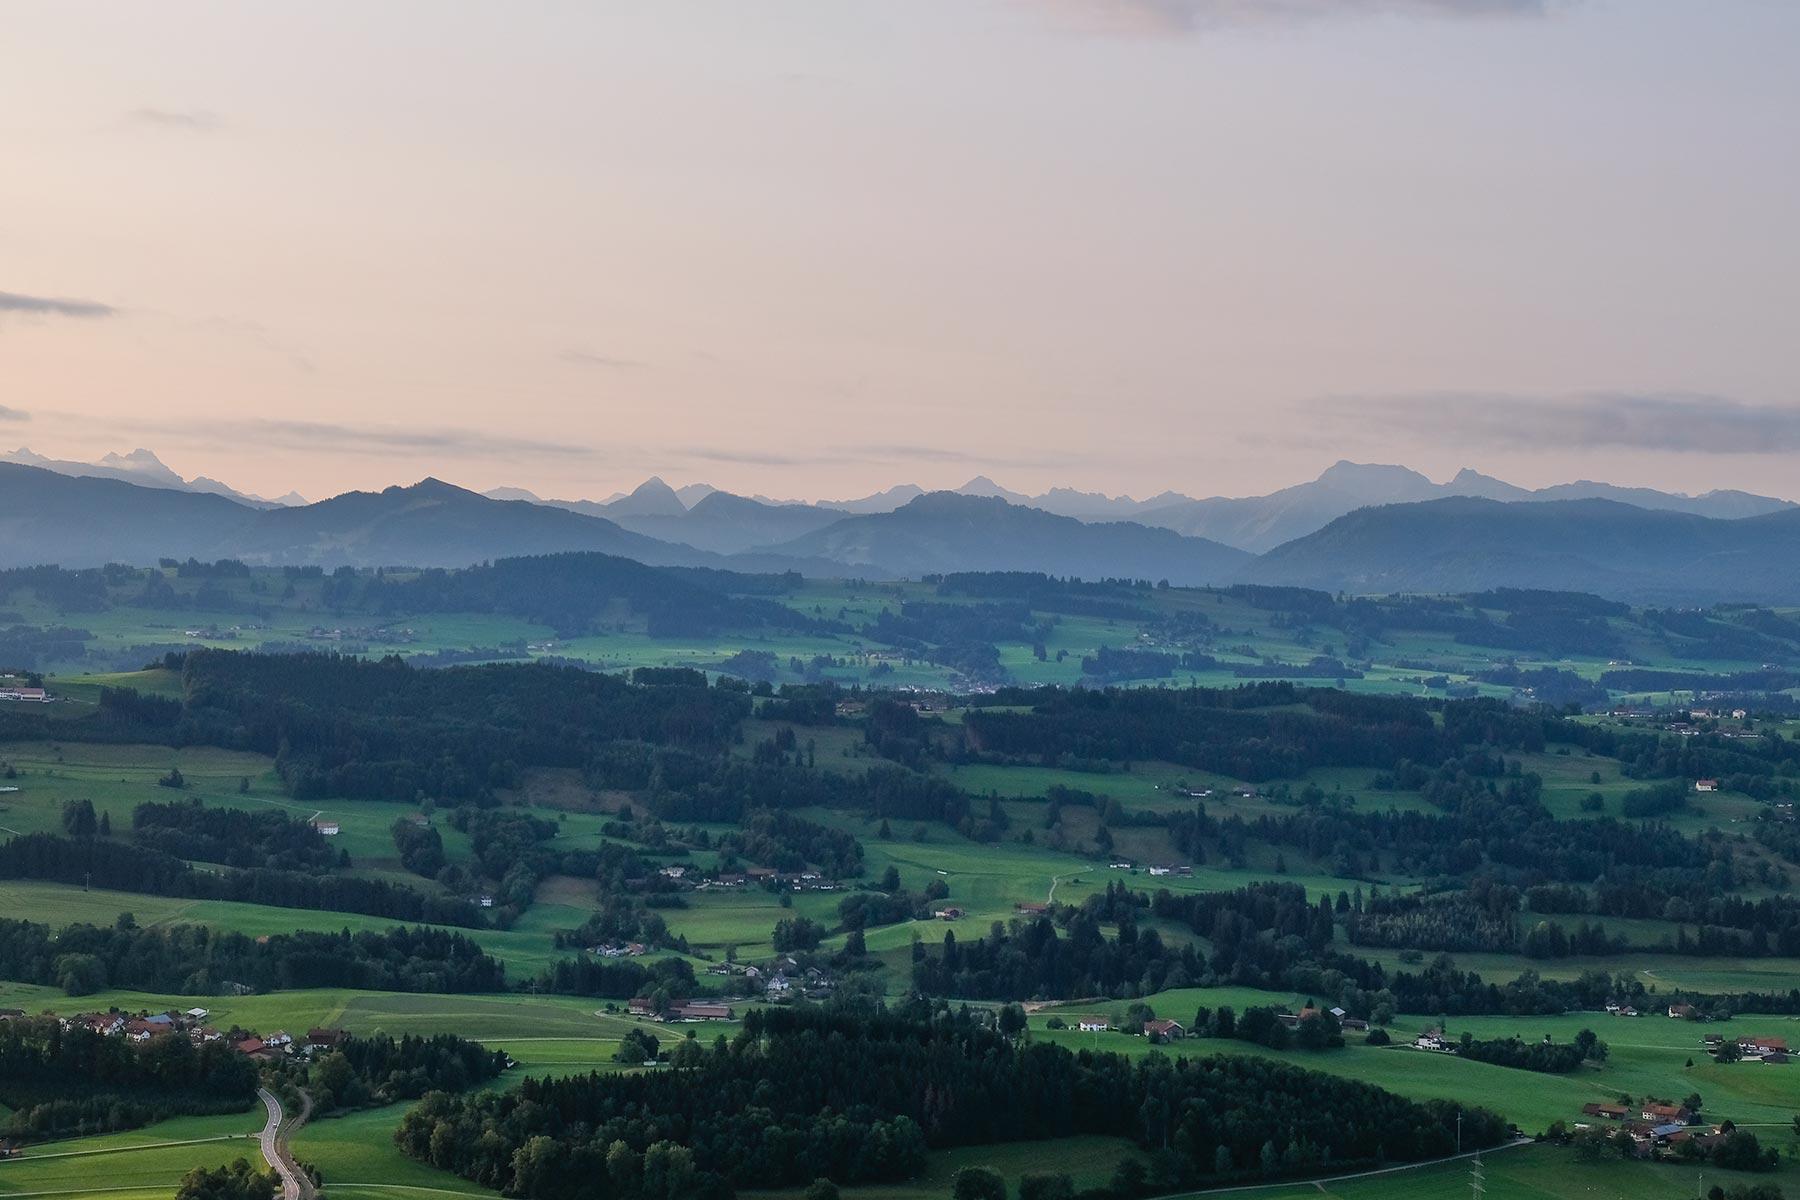 Blick auf die Alpen im Morgengrauen aus dem Allgäuer Büble Bier Ballon